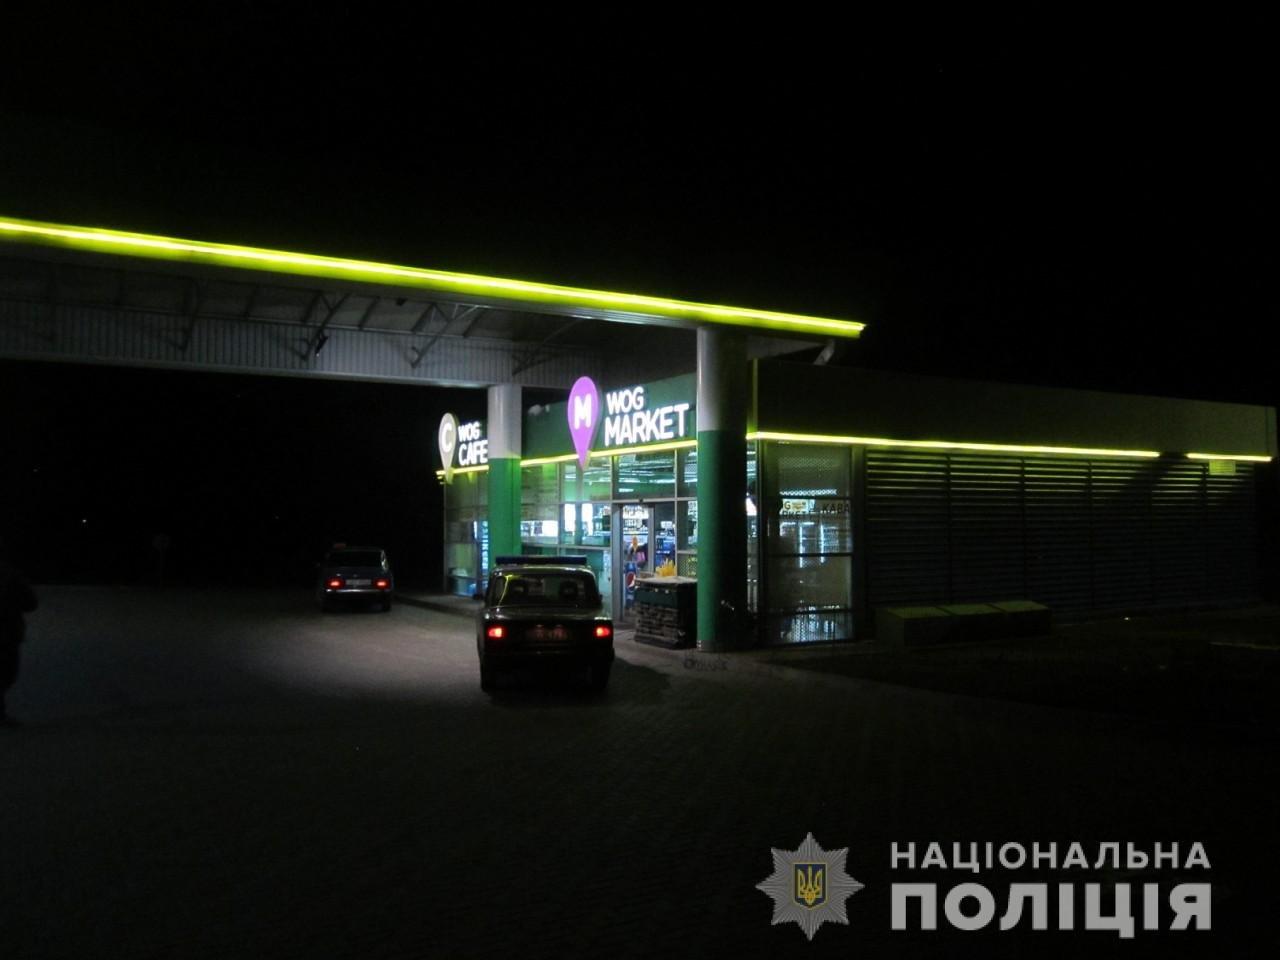 фото: Нацполиция в Харьковской области